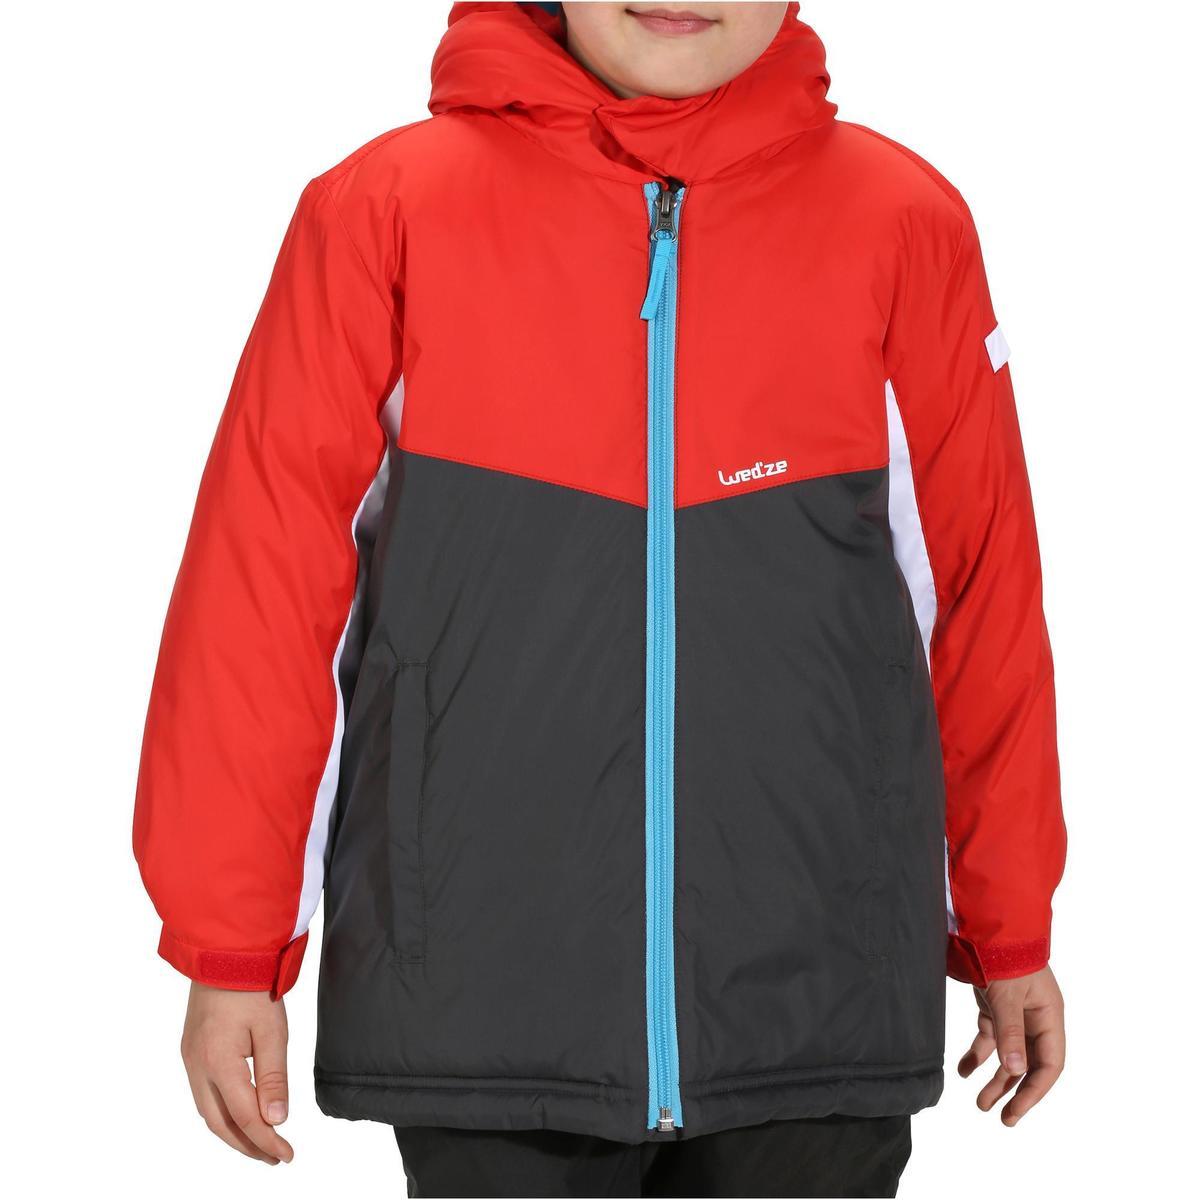 Bild 2 von Skijacke Piste 100 Kleinkinder rot